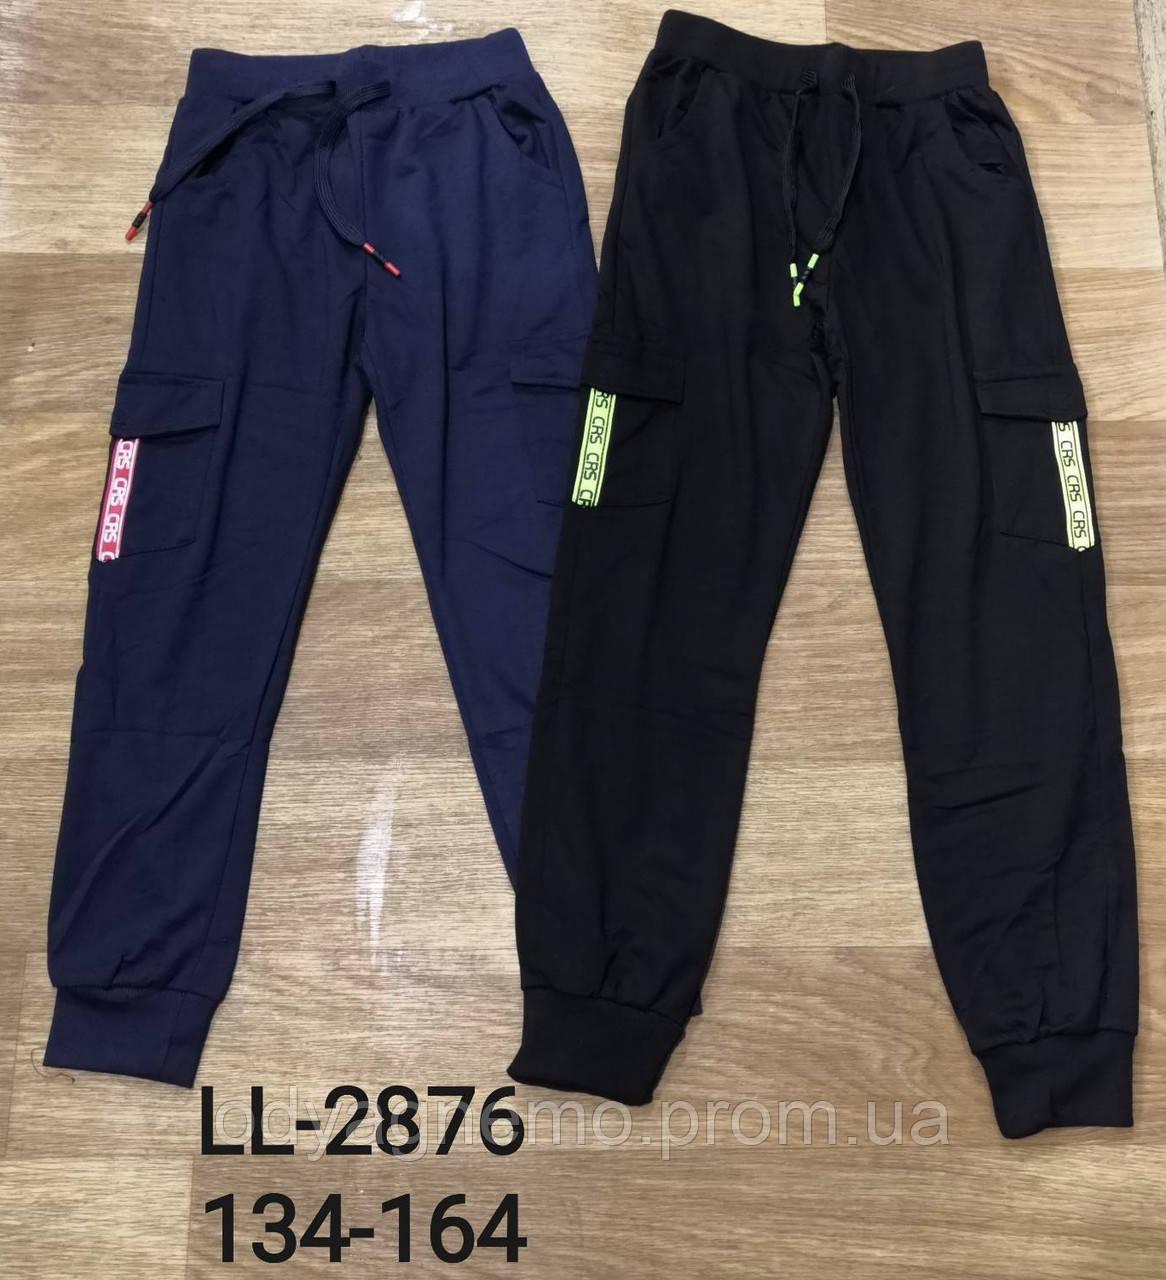 Спортивные брюки для мальчиков Sincere, 134-164 рр. Артикул: LL2876